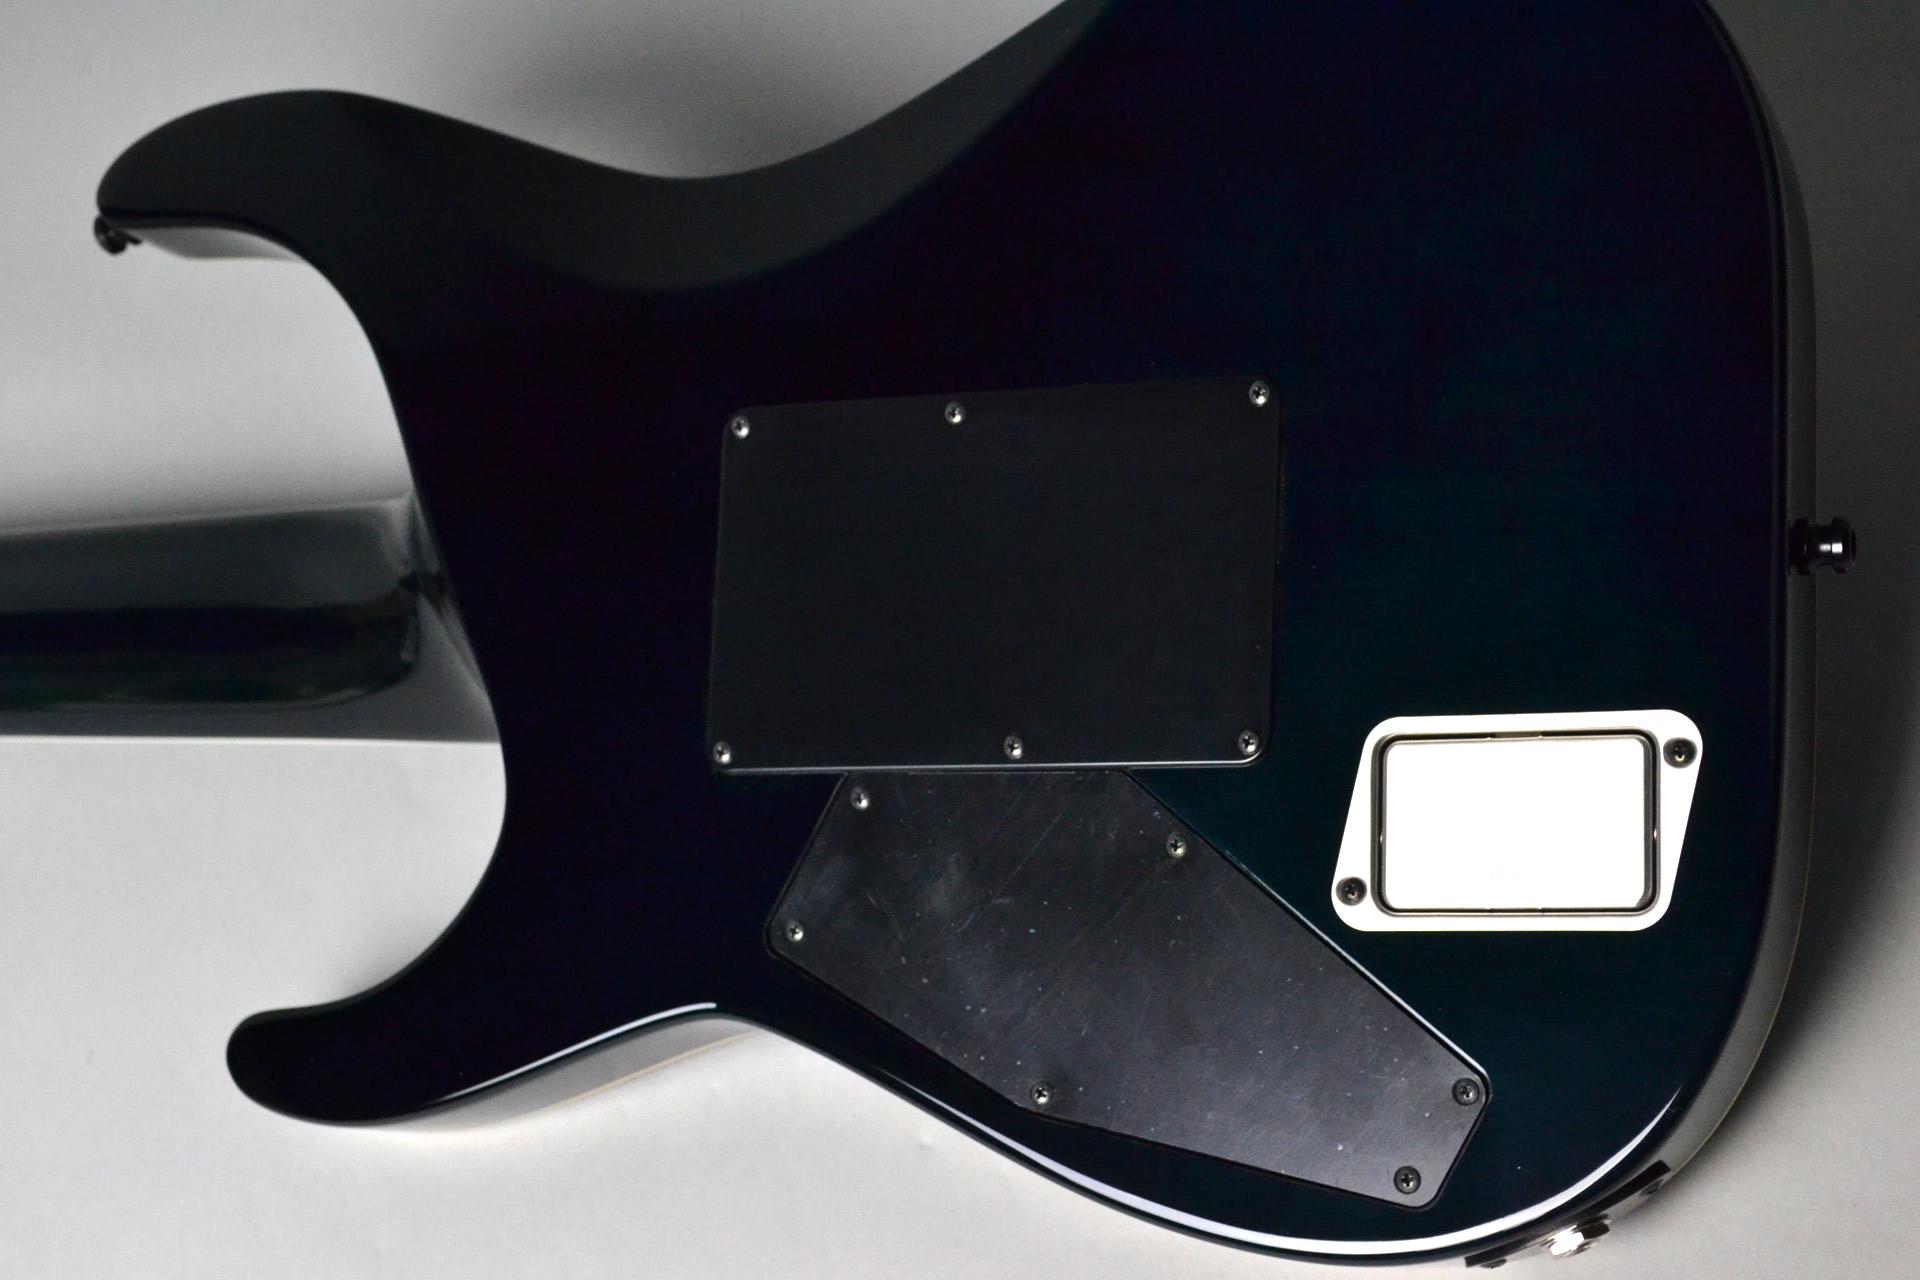 HORIZON FR-7 QM Black Turquoise Burstのボディバック-アップ画像